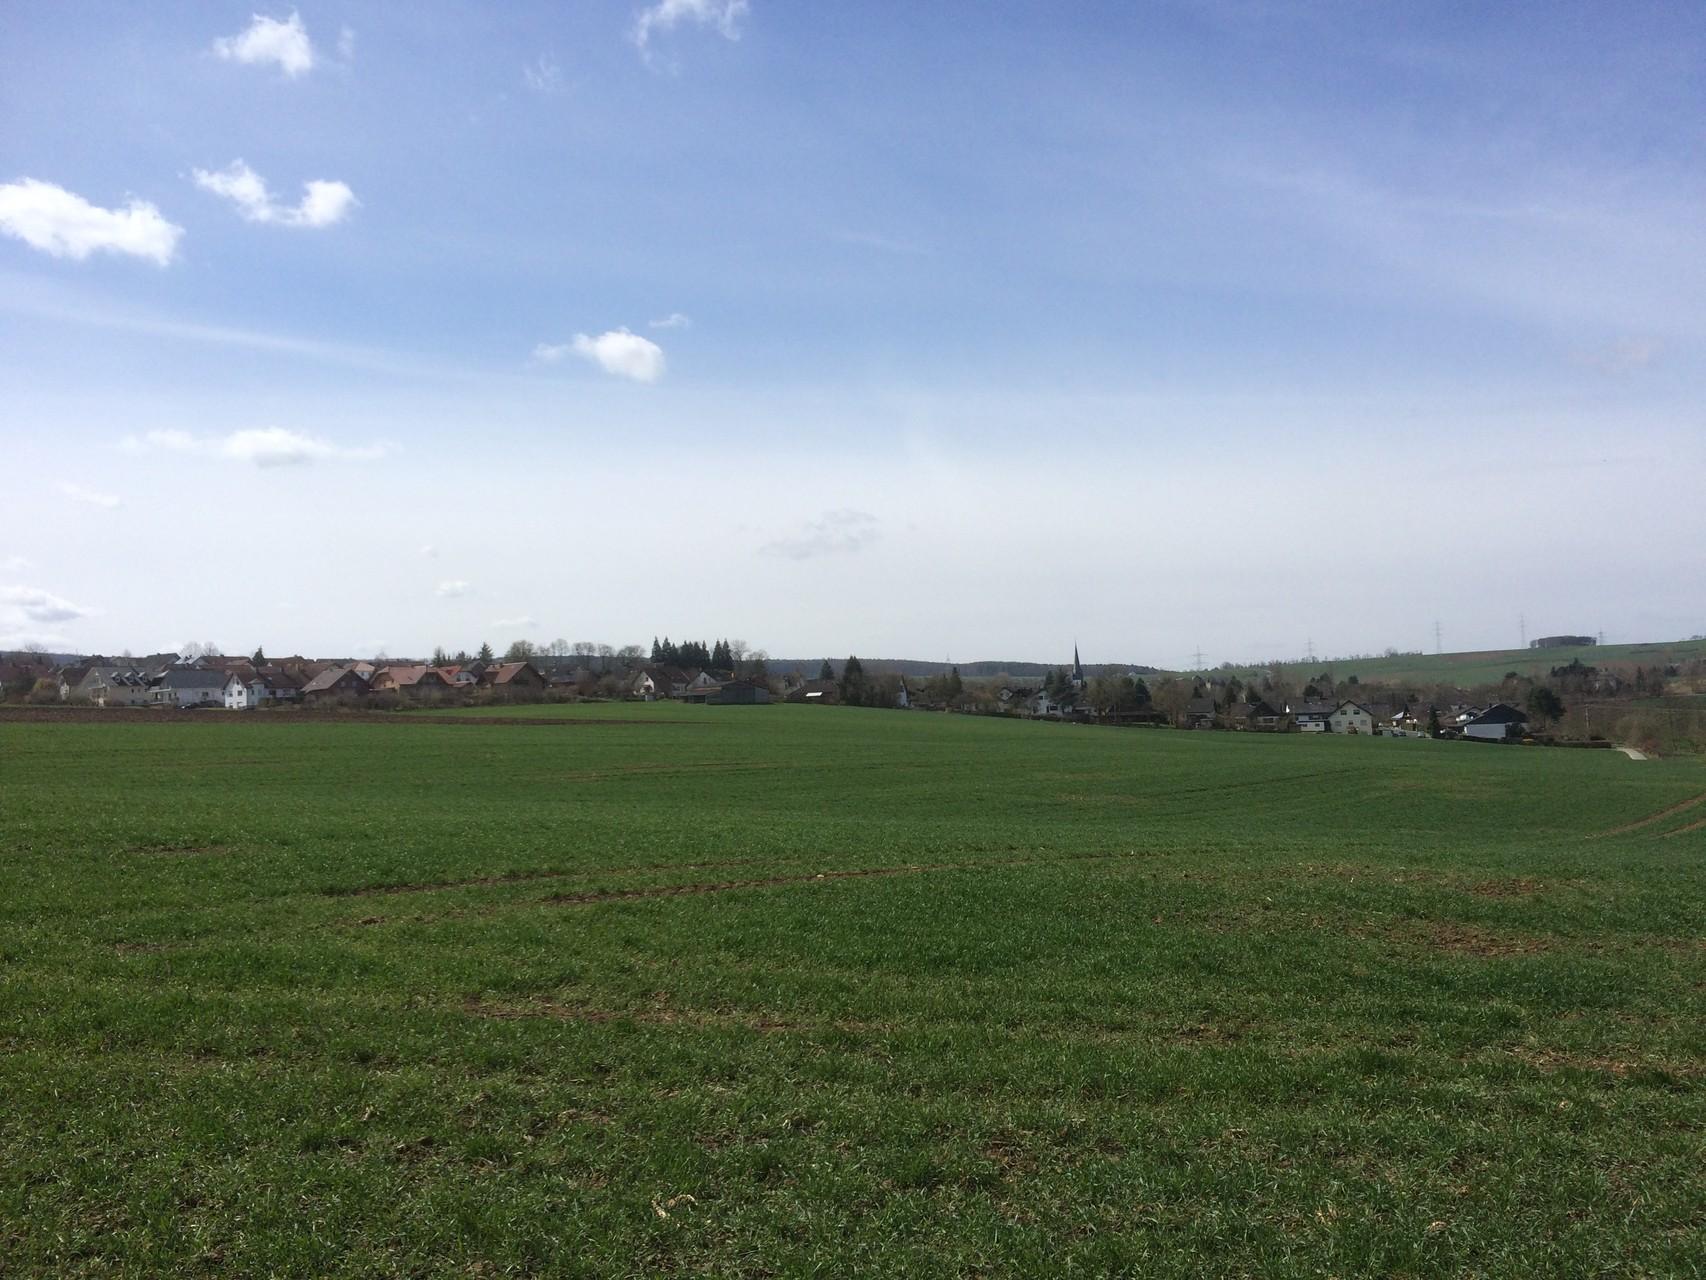 5km & 10km in Hünfelden-Ohren/Karfreitag 03.04.2015  (Fotograf: K.Kra.)